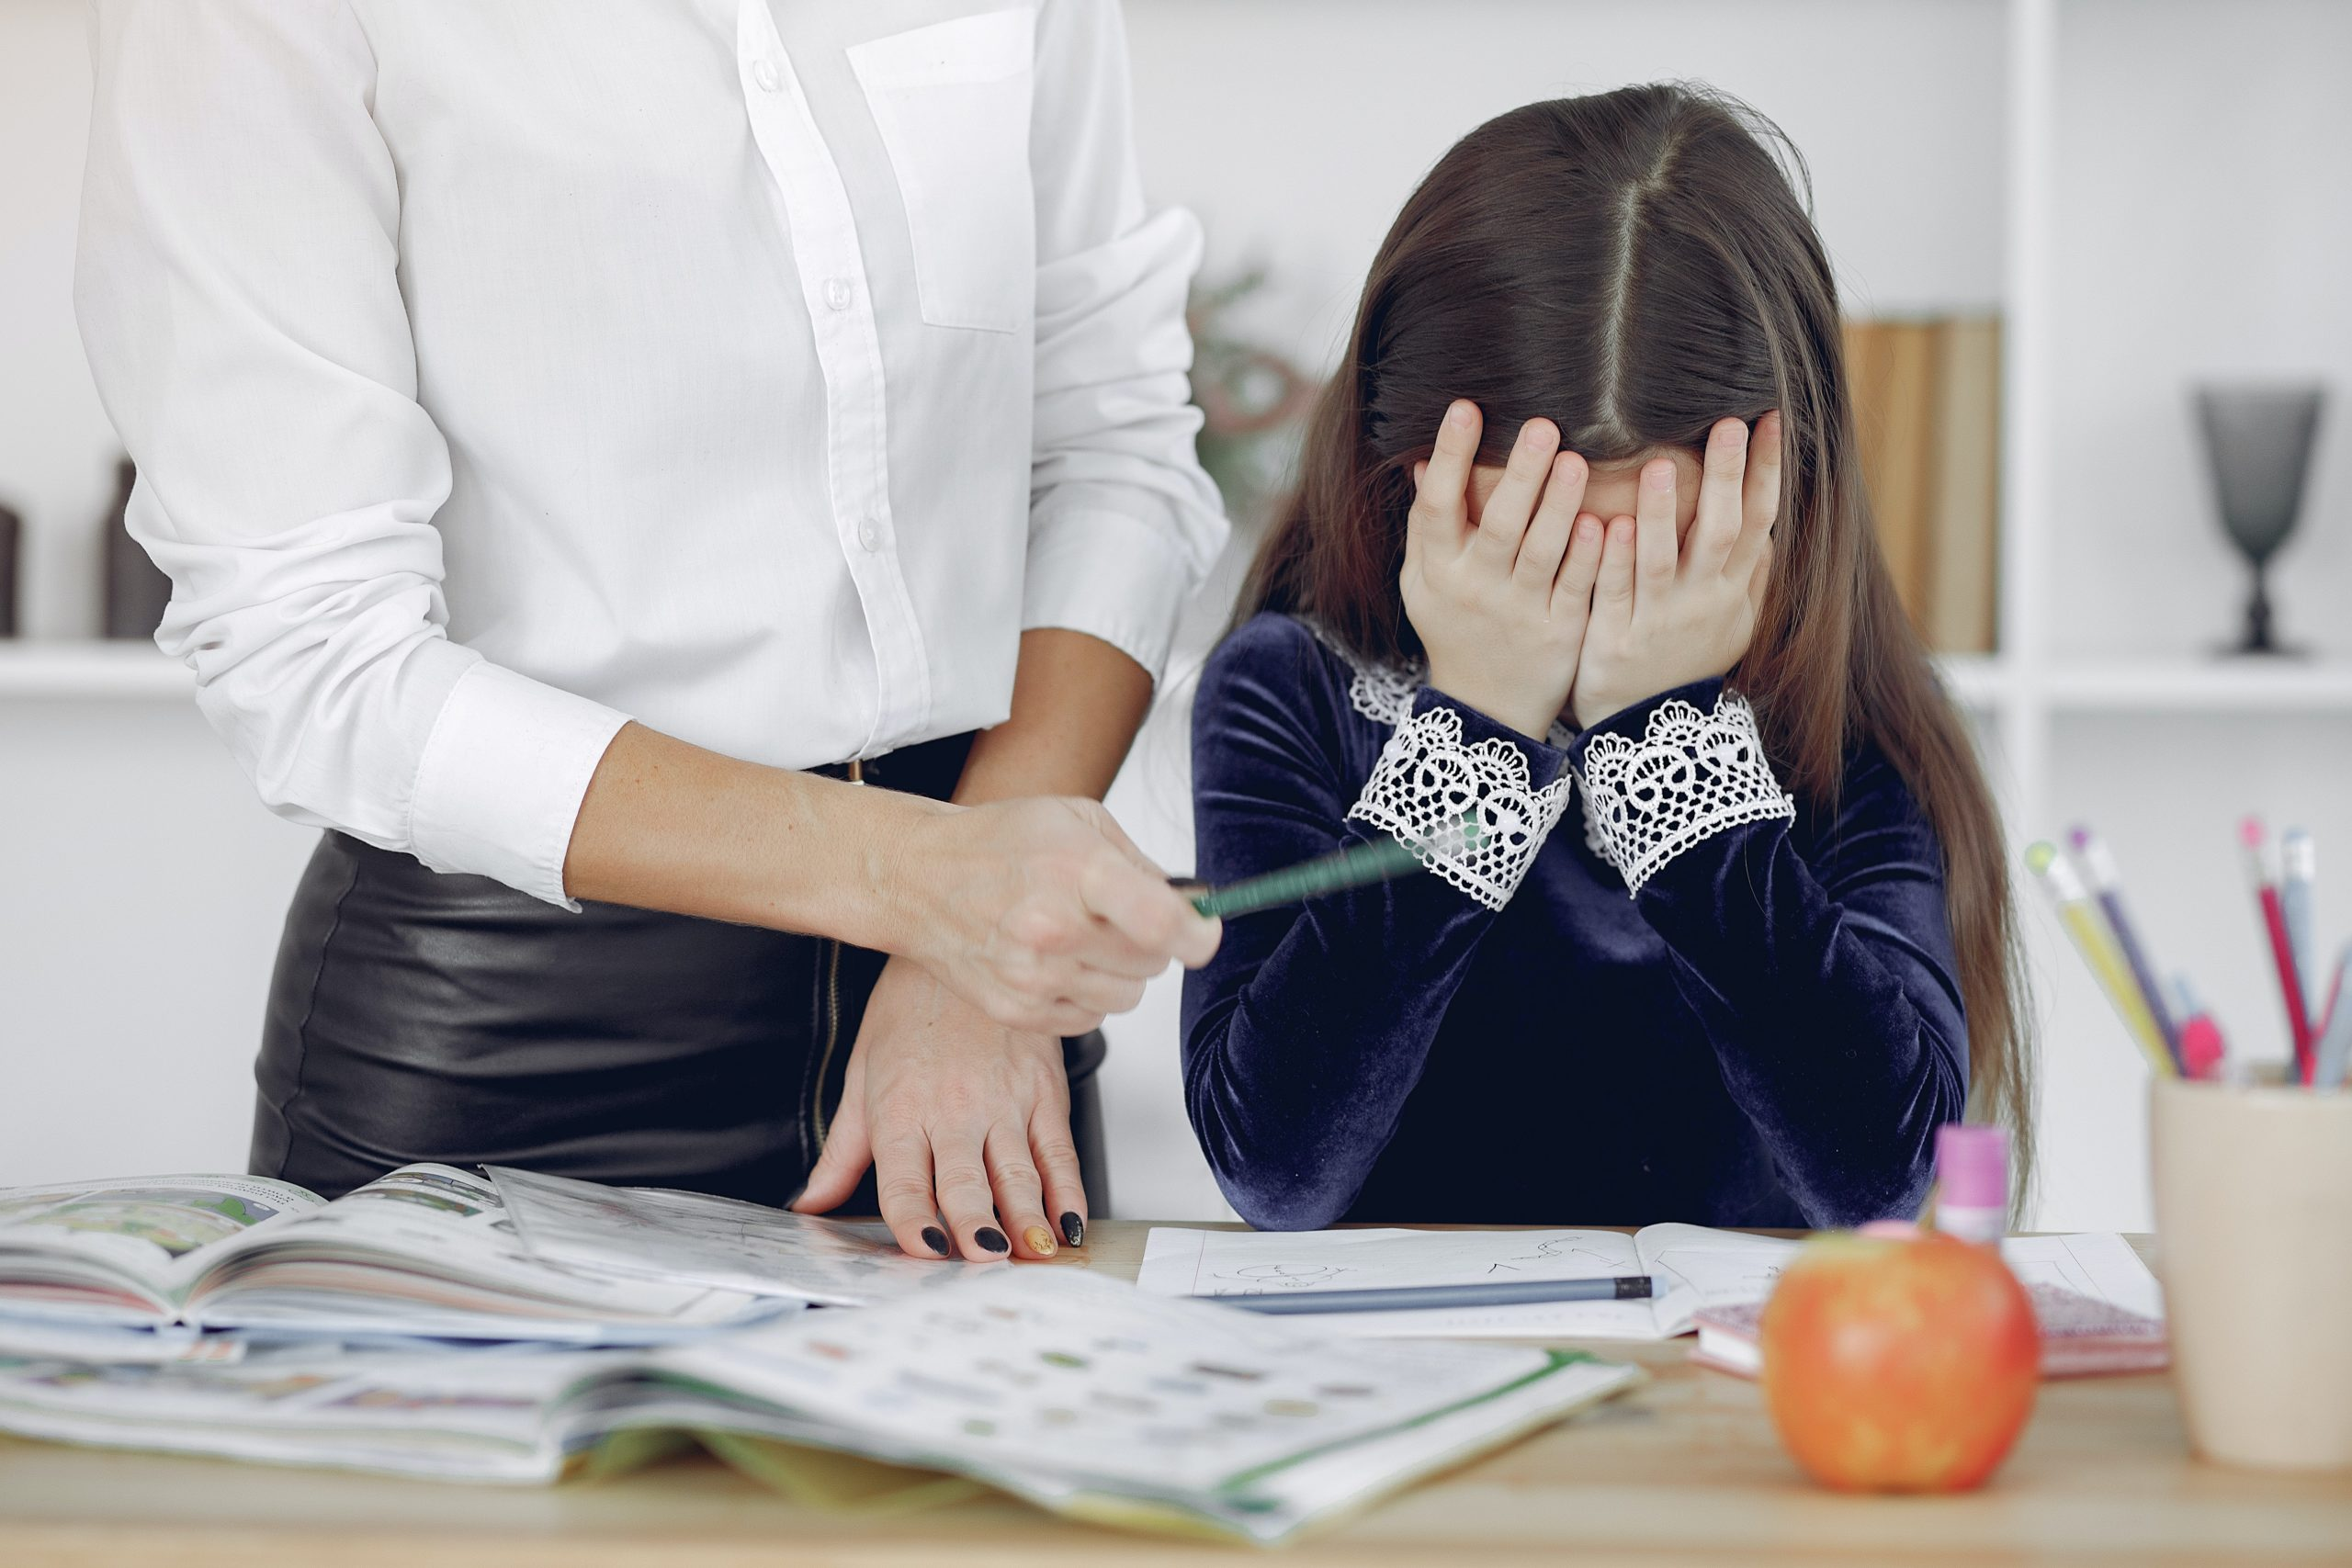 บทบาทของคุณครู ที่ไม่ดีนั้น อาจจะเป็นภัยต่อสังคมอีกด้วย เพราะคุณครูก็เป็นคนๆหนึ่งที่จะต้องอยู่ภายใต้กฎหมาย